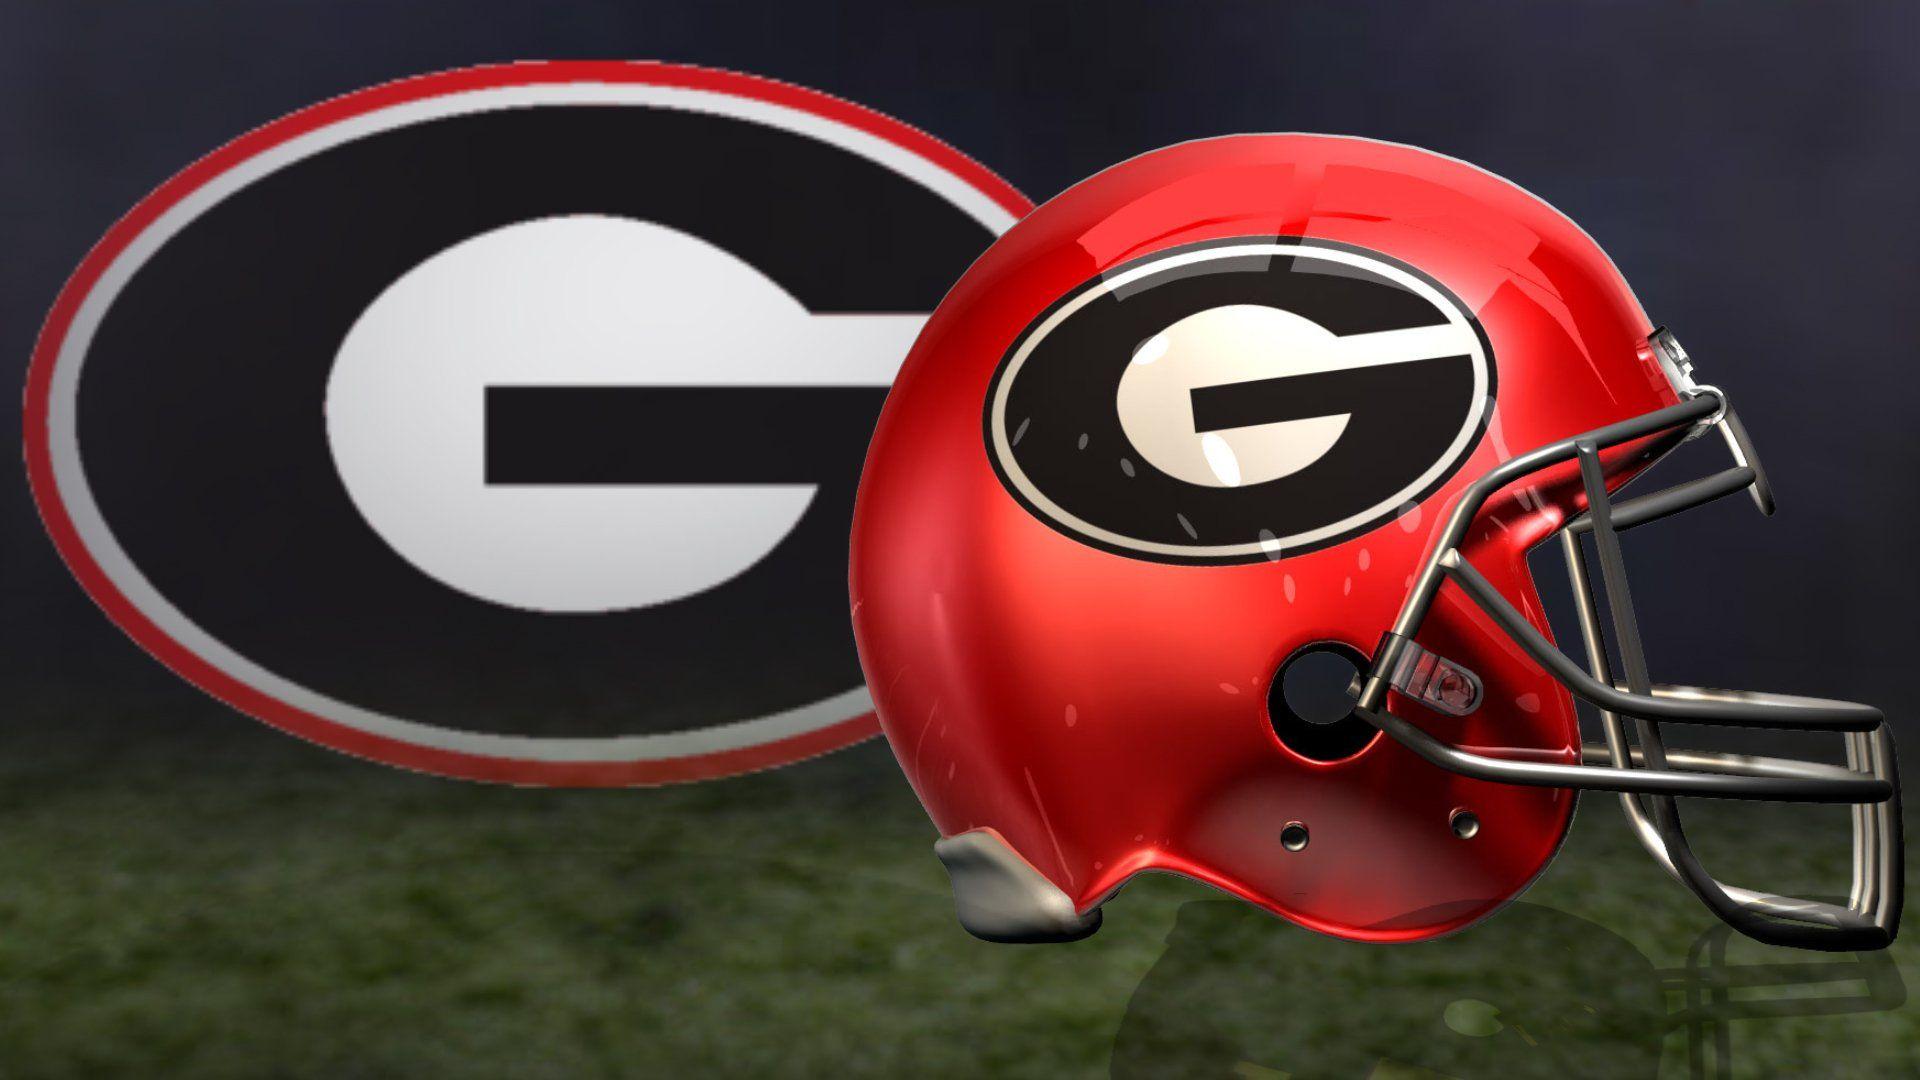 Georgia Bulldogs College Football 1920x1080 Jpg 1920 1080 Bulldog Wallpaper Georgia Bulldogs Georgia Football